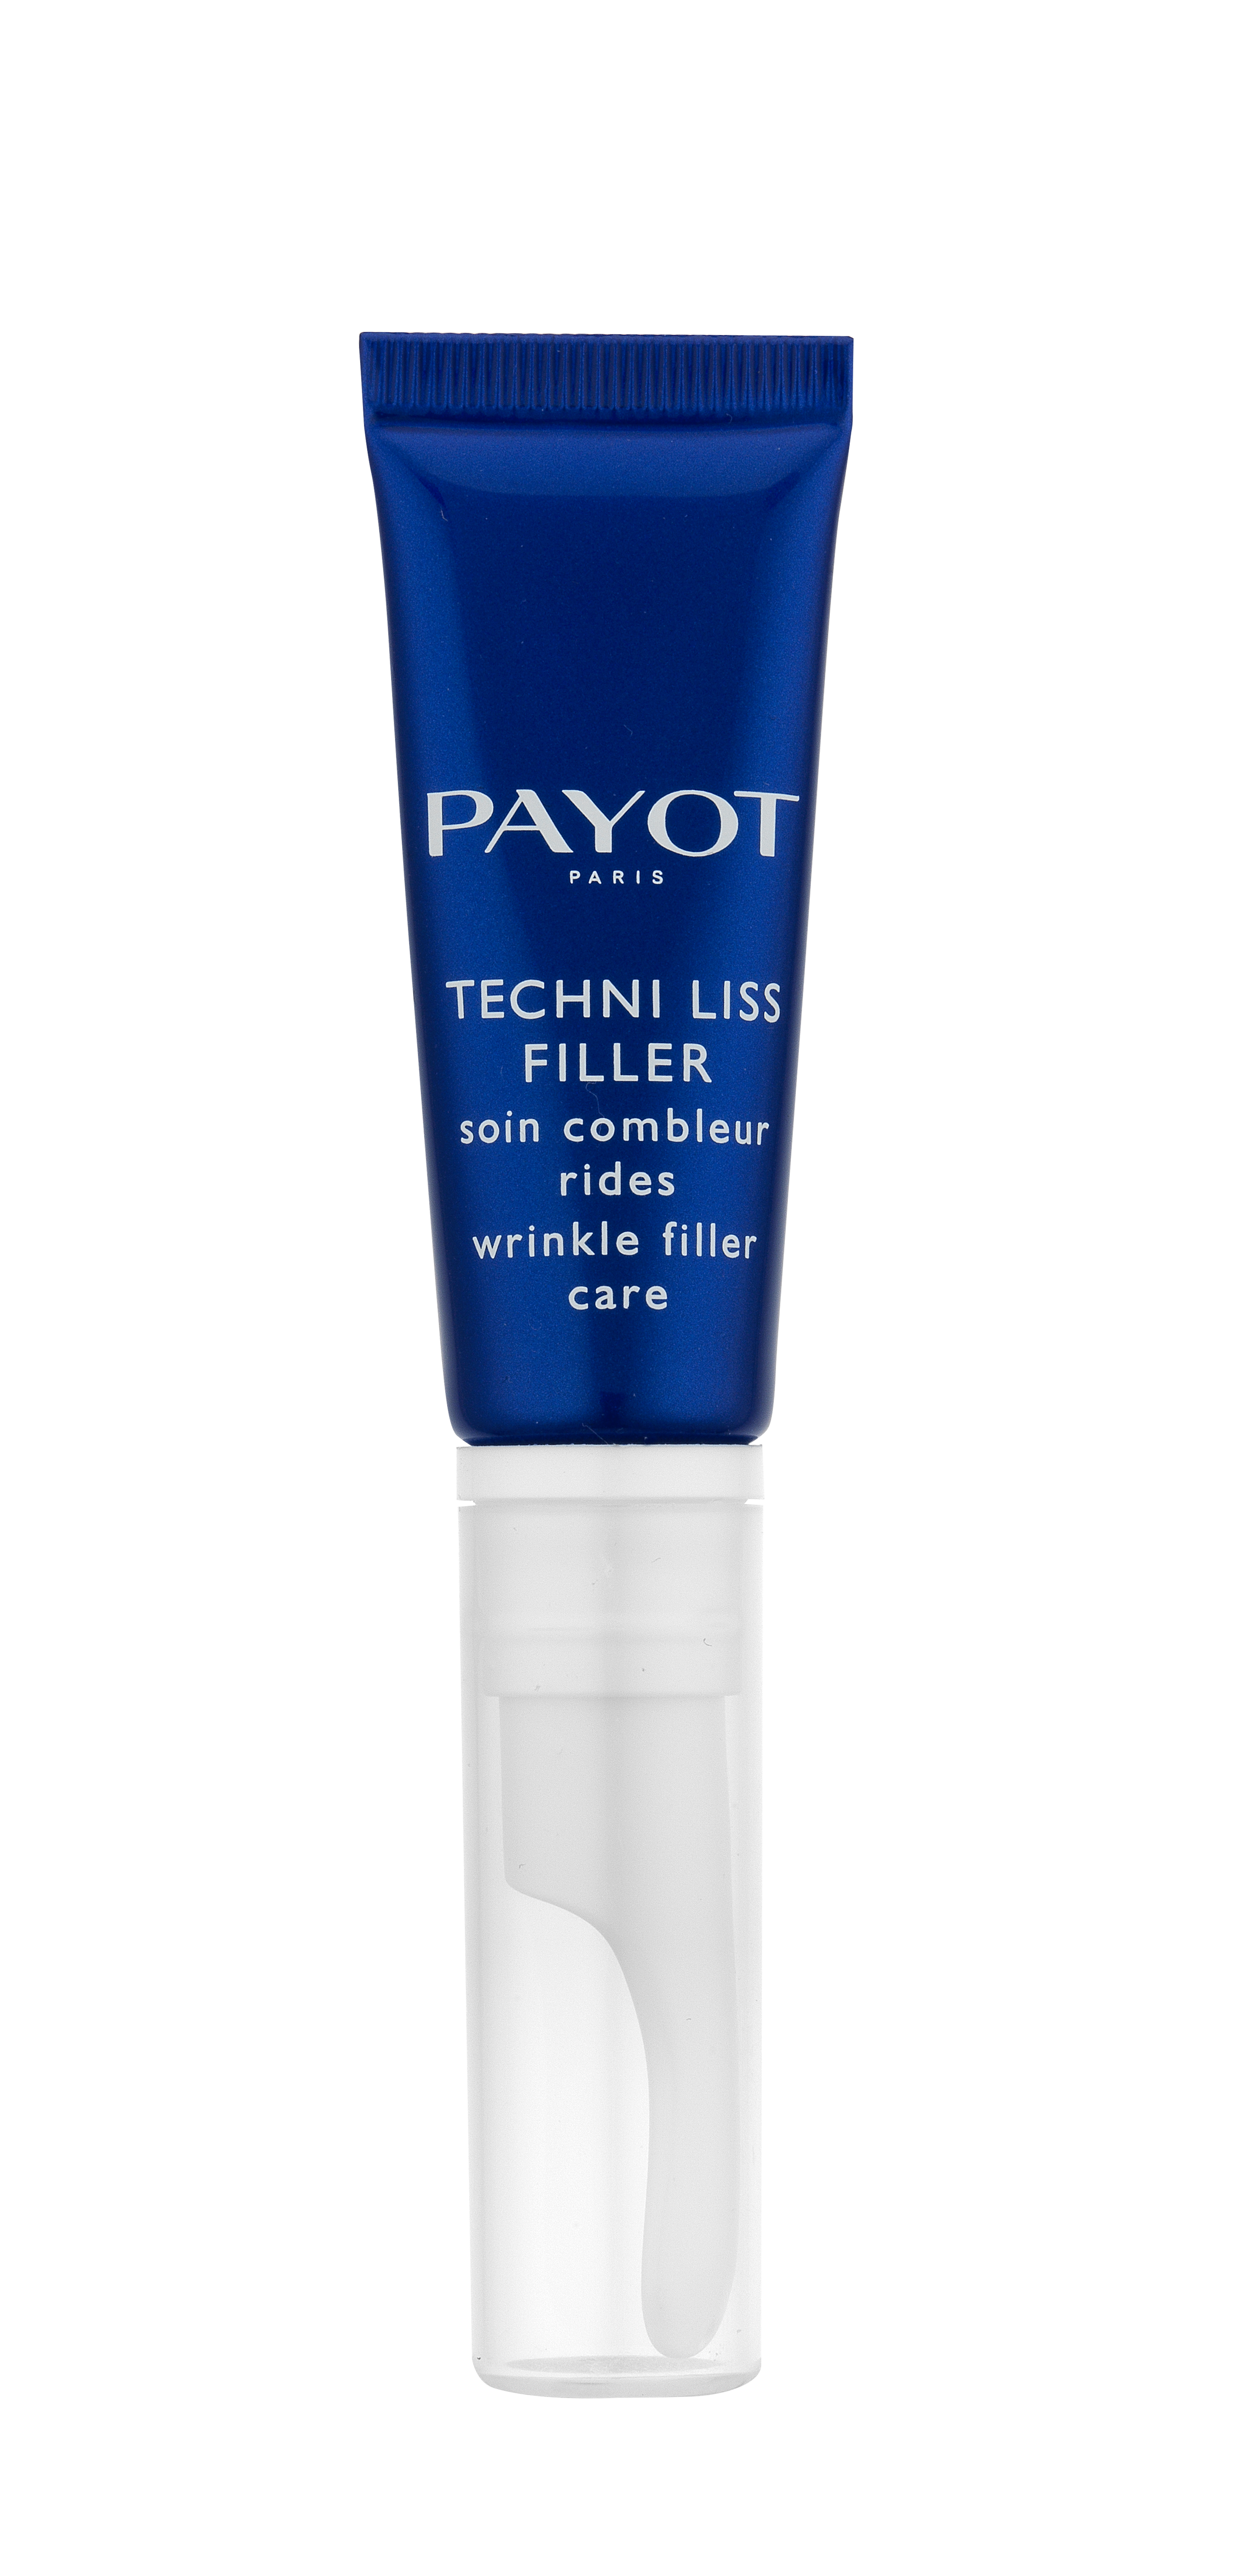 PAYOT Средство для заполнения морщин со сферами гиалуроновой кислоты / TECHNI LISS 10 мл